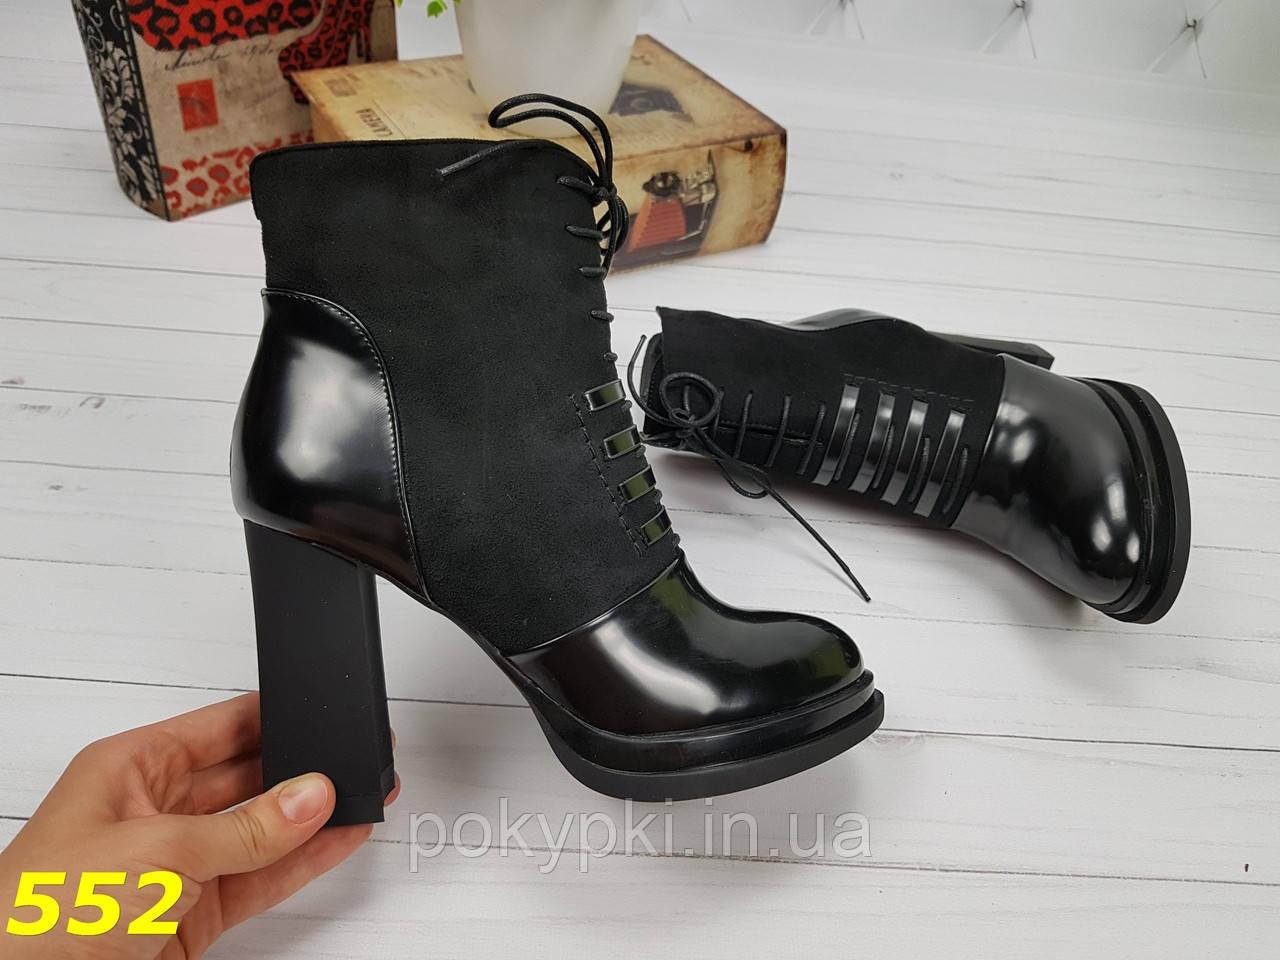 0992969f7 Стильные демисезонные женские ботинки ботильоны из экозамши на флисе  высокий каблук черные, р 36,